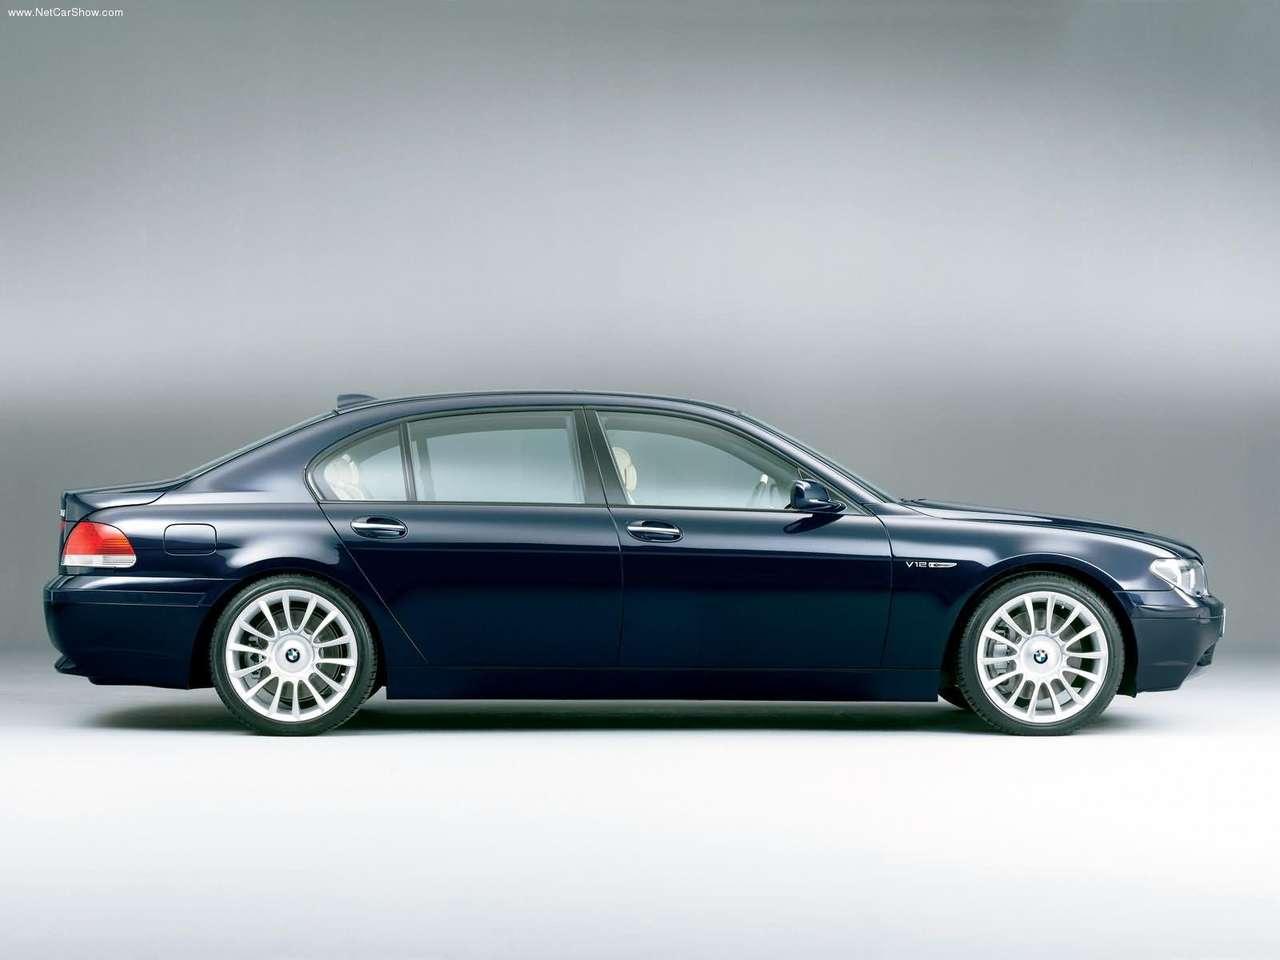 BMW - Auto twenty-first century: 2002 BMW 760Li Yachtline Concept